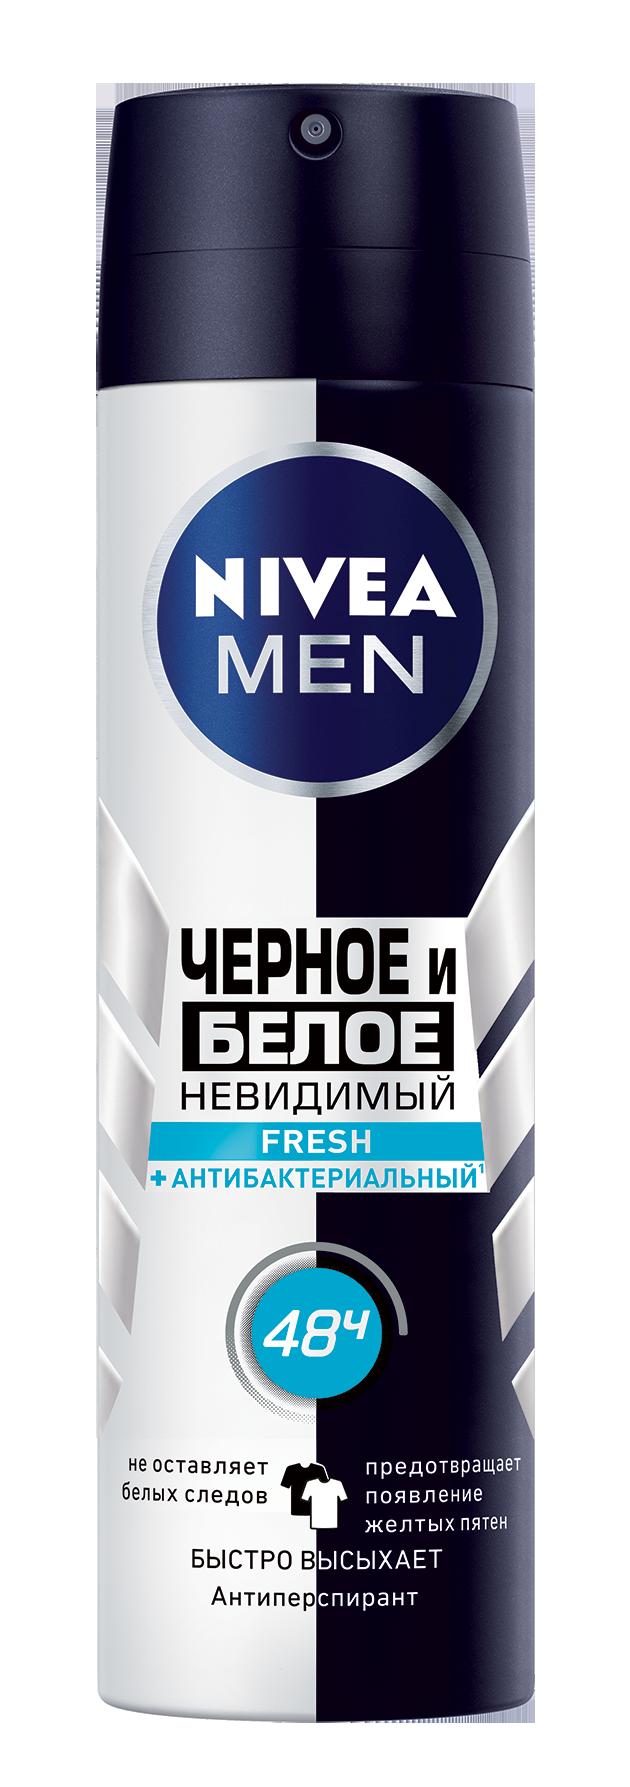 Купить Антиперспирант Nivea ДеоСпрей Невидимый для черного и белого спрей 150 мл, дезодорант 85974